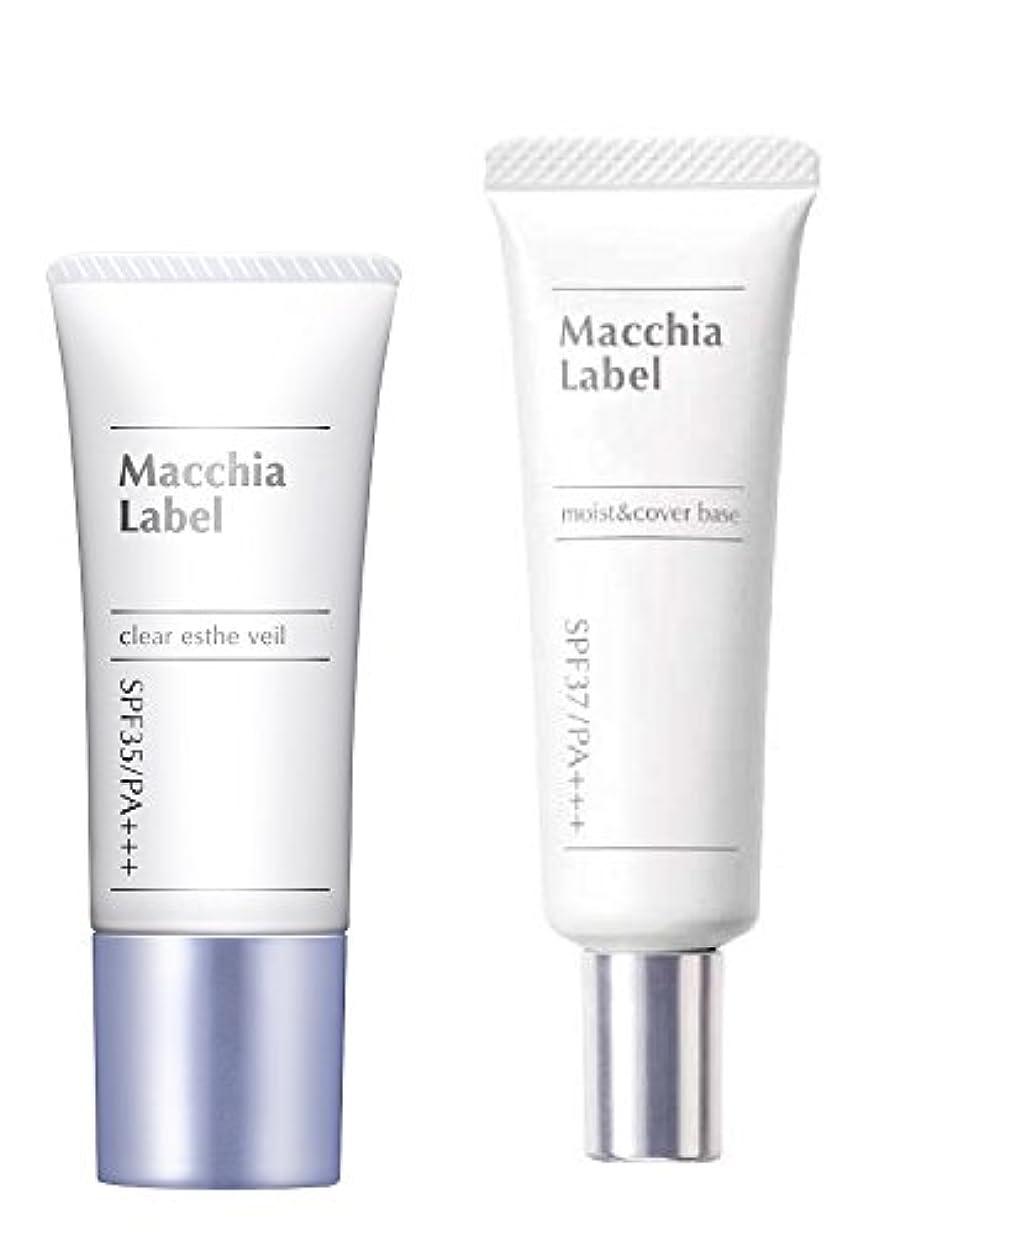 乳剤免疫あいまいさMacchiaLabel 薬用クリアエステヴェール13ml+薬用モイスト&カバーベースセット (ナチュラル)